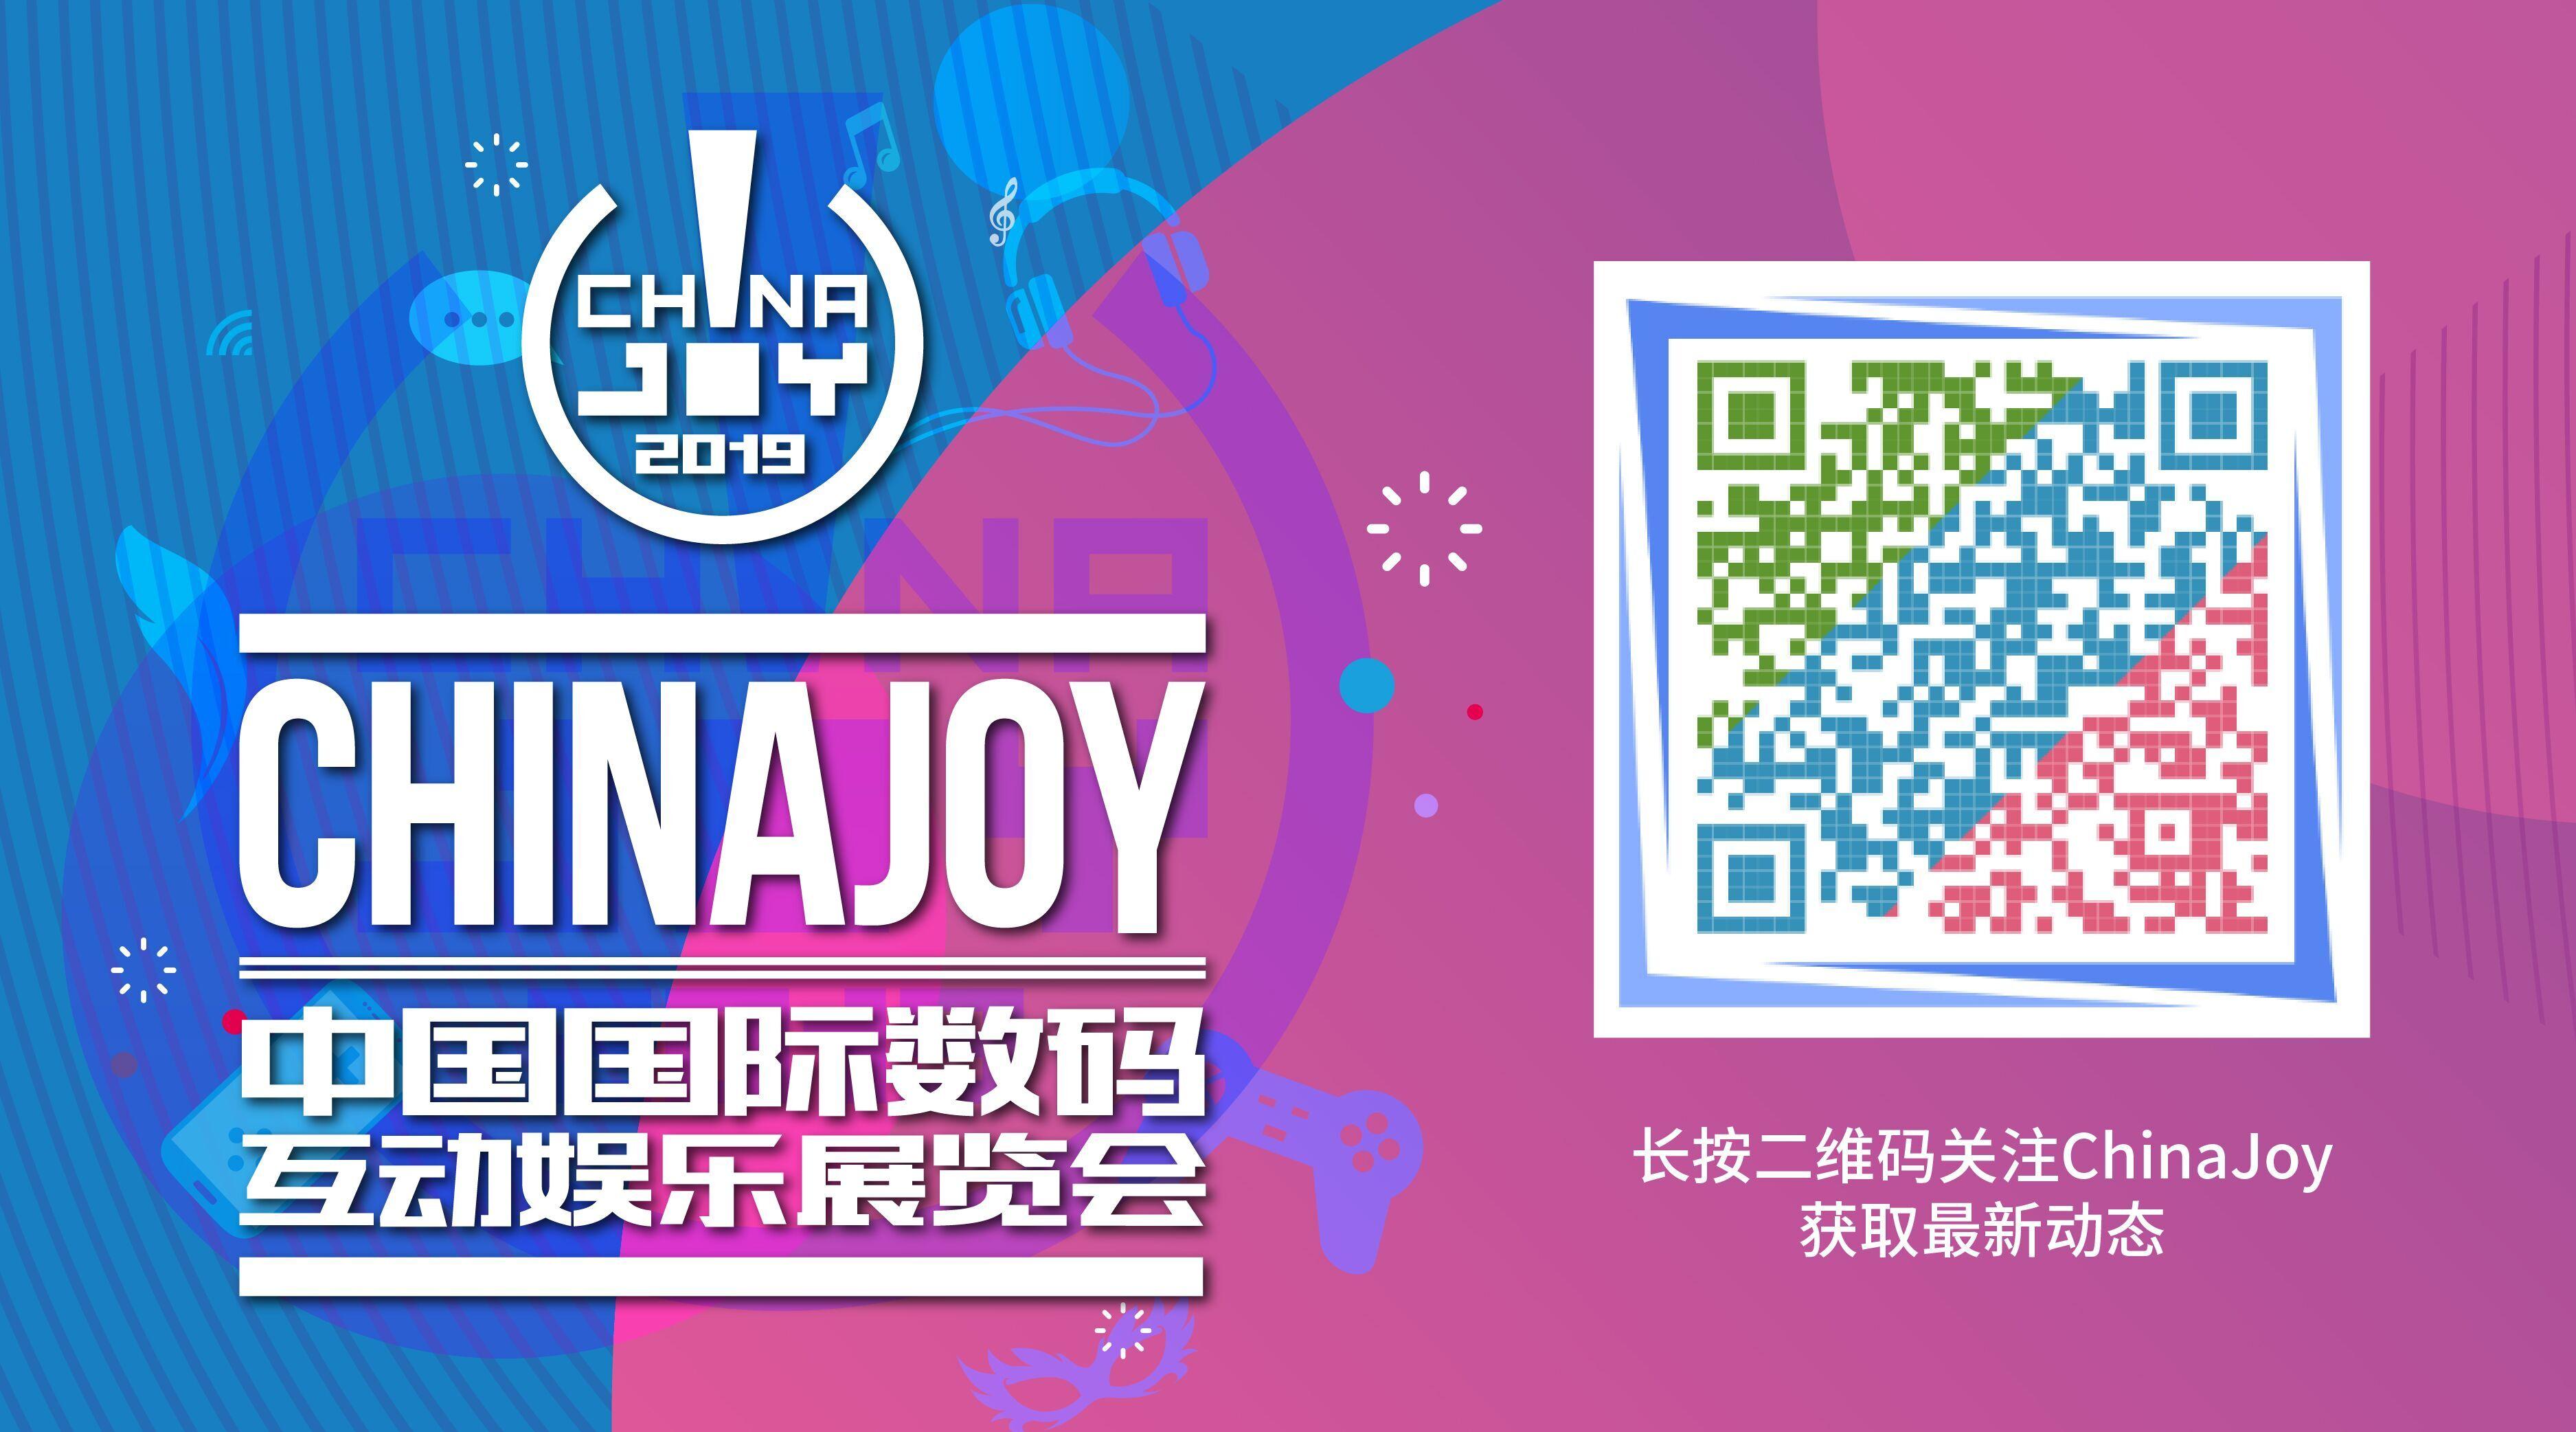 首轮优惠期倒计时!2019ChinaJoyBTOB及同期会议购证火热开启!